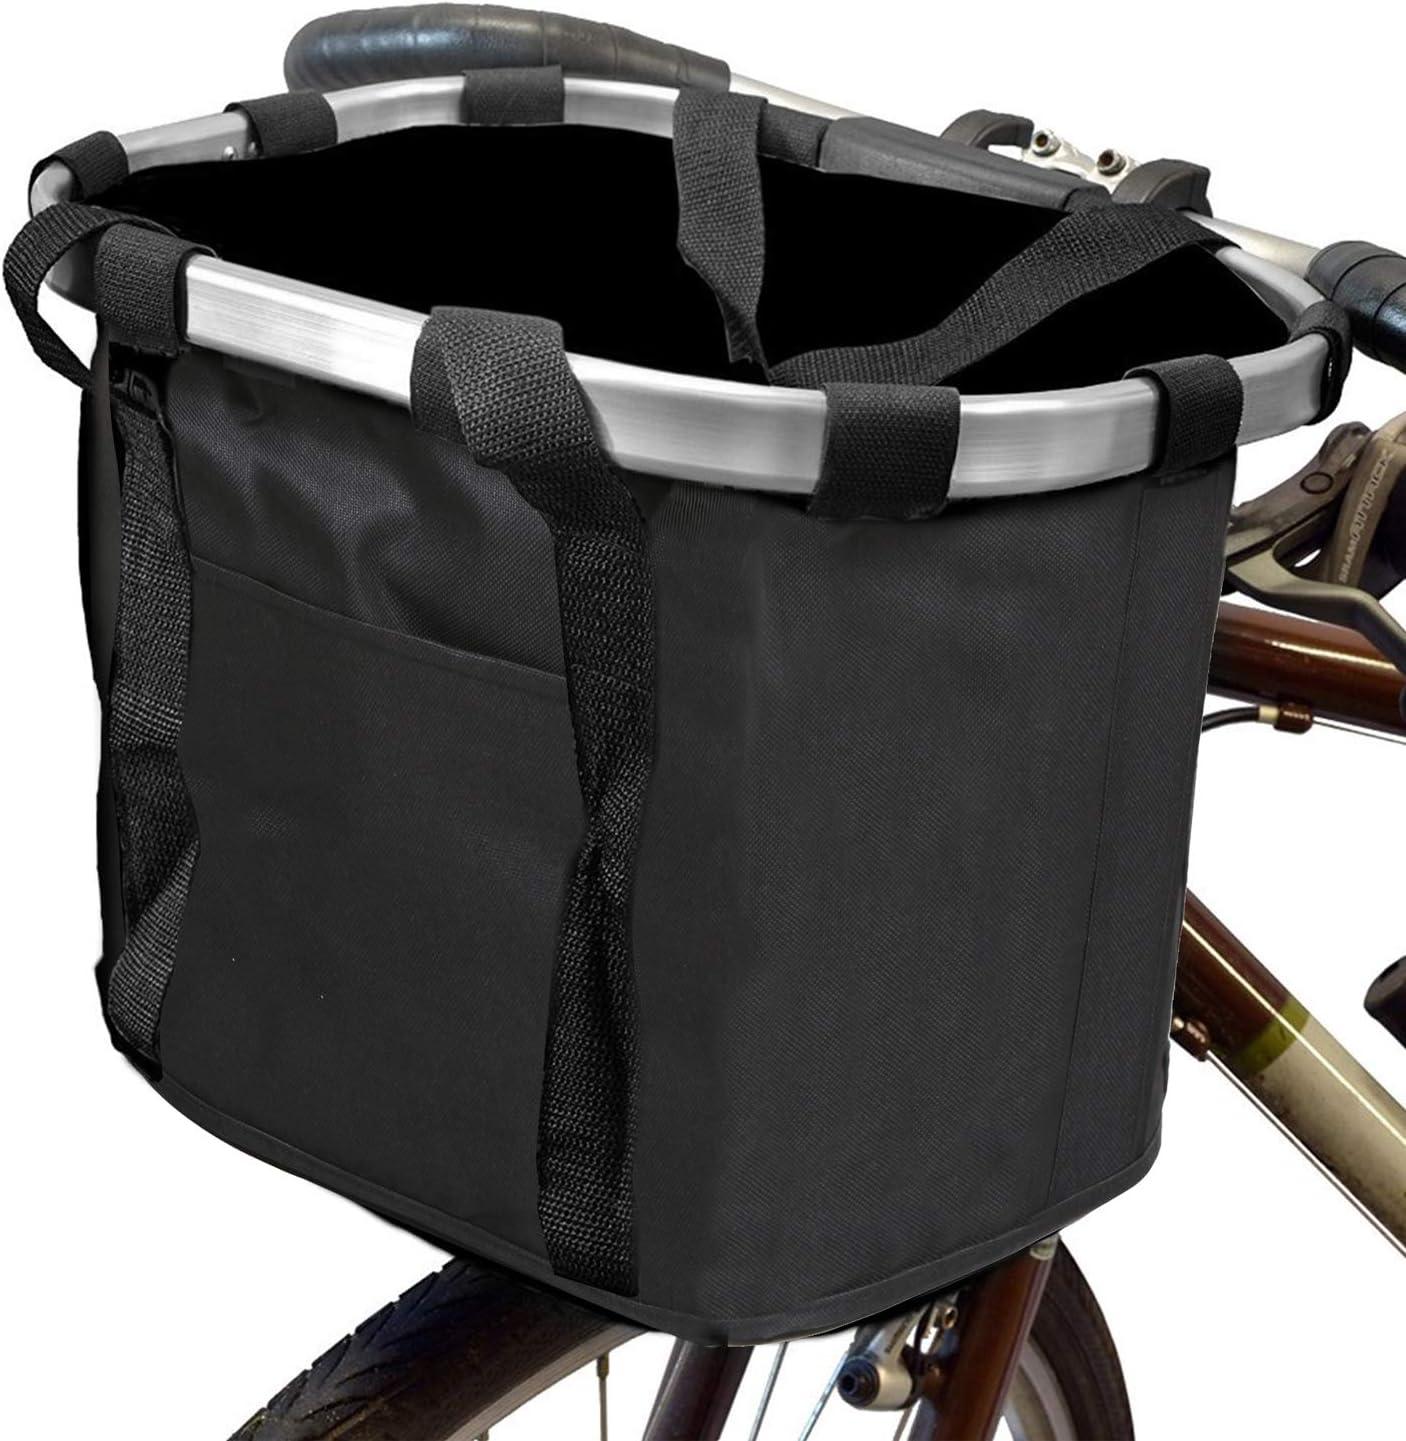 Harlequin Gray Pink and Black Lattice Quatrefoil Bike Basket liner  For Quick Release Basket